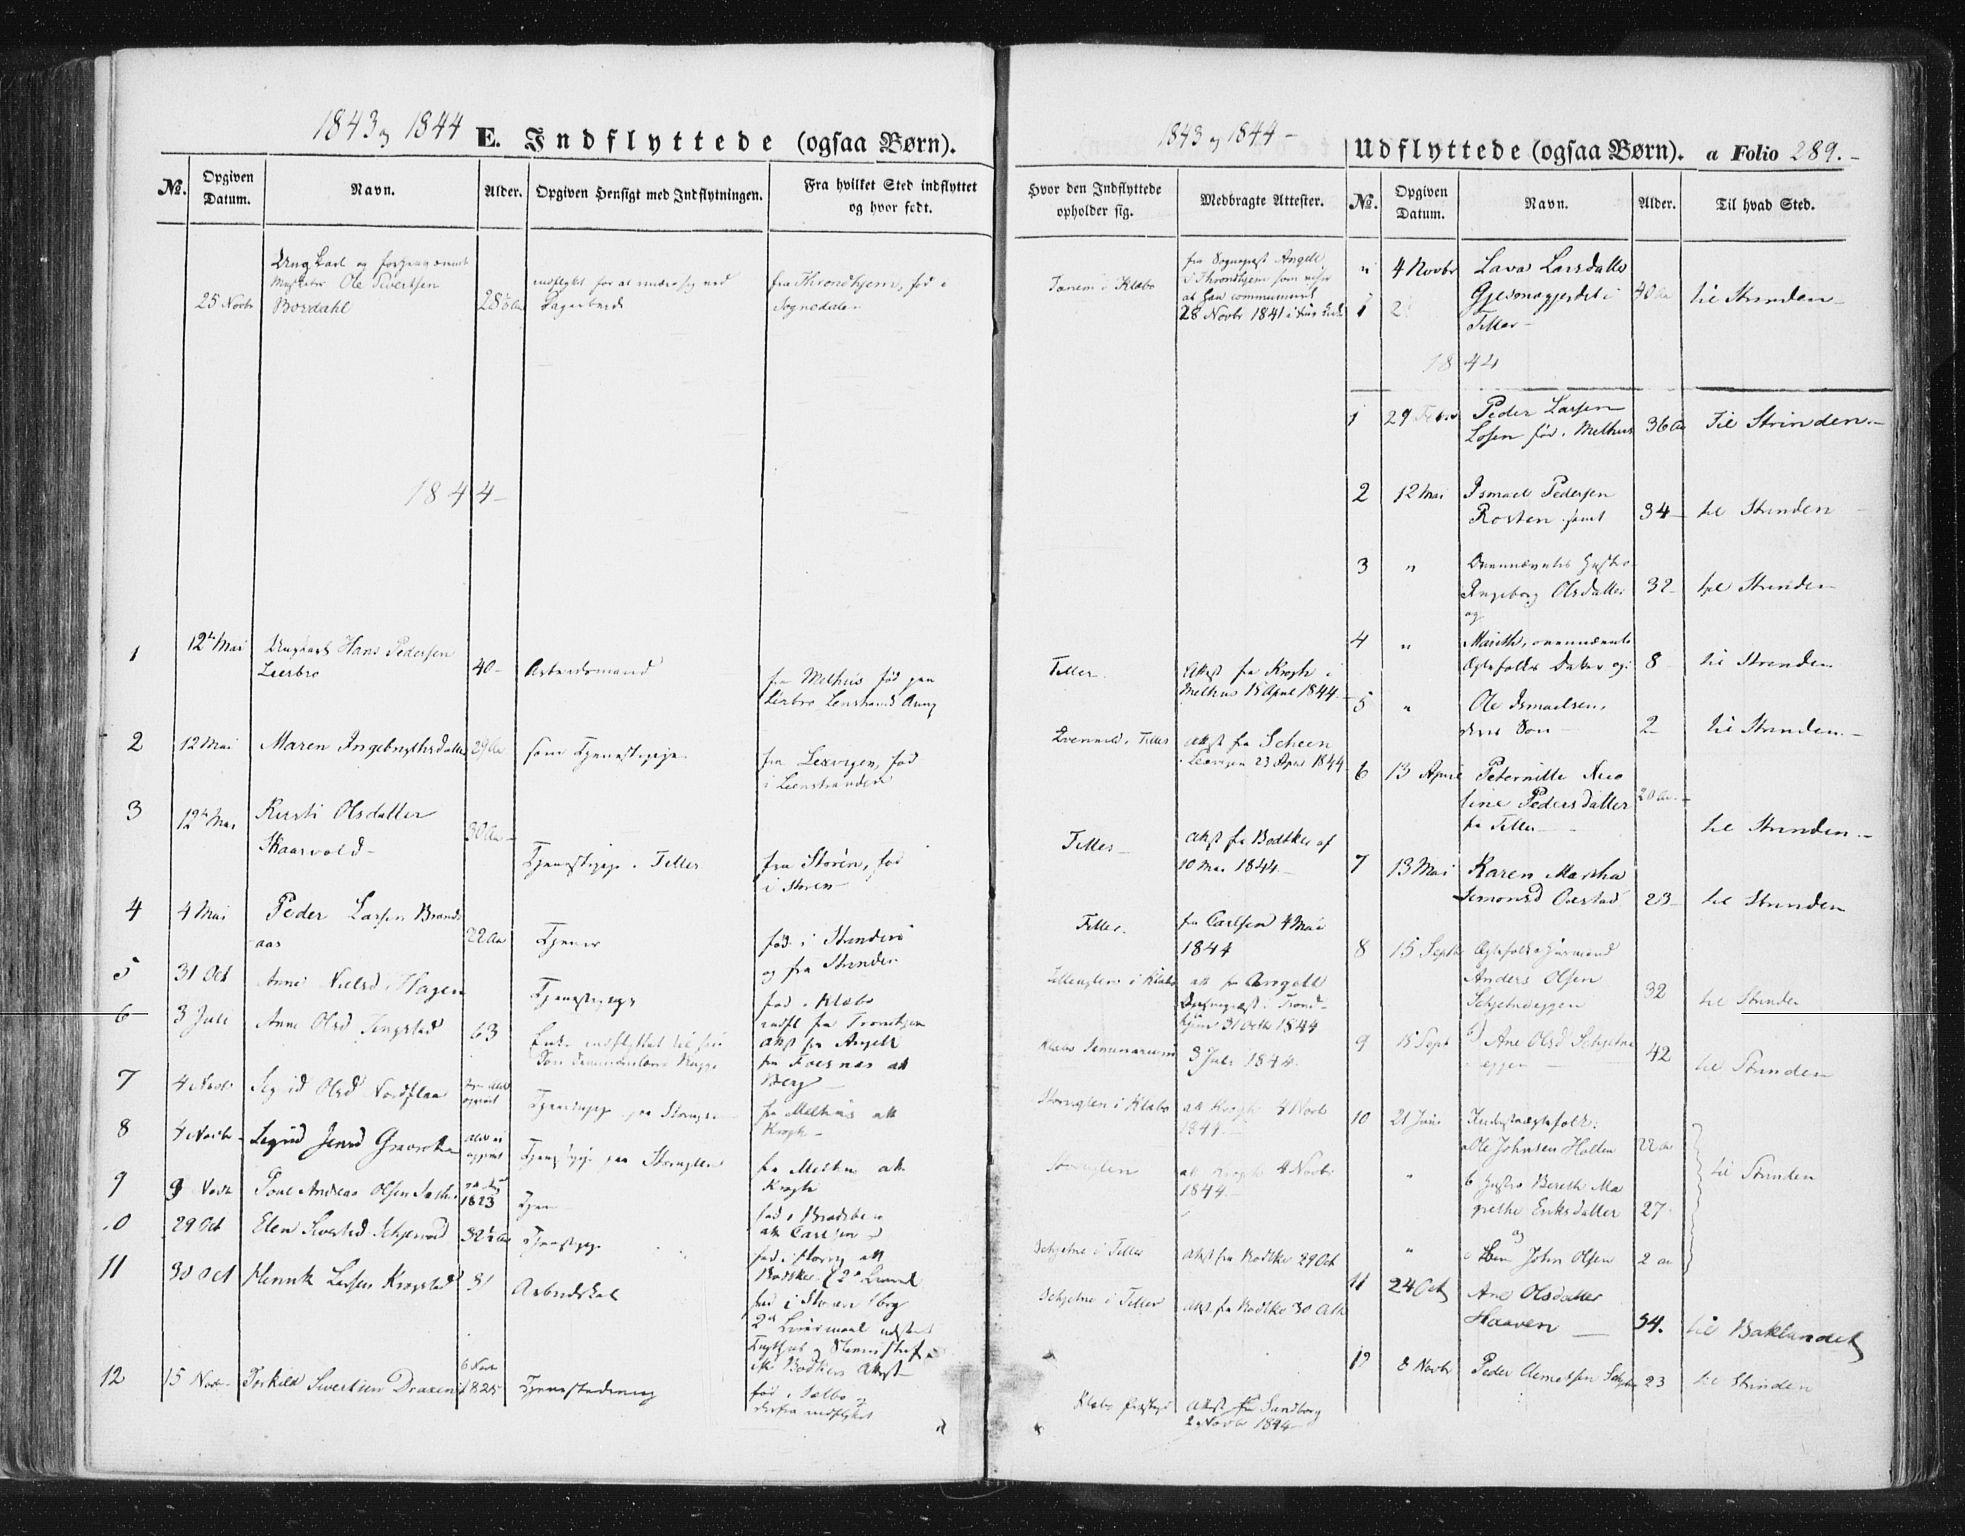 SAT, Ministerialprotokoller, klokkerbøker og fødselsregistre - Sør-Trøndelag, 618/L0441: Ministerialbok nr. 618A05, 1843-1862, s. 289